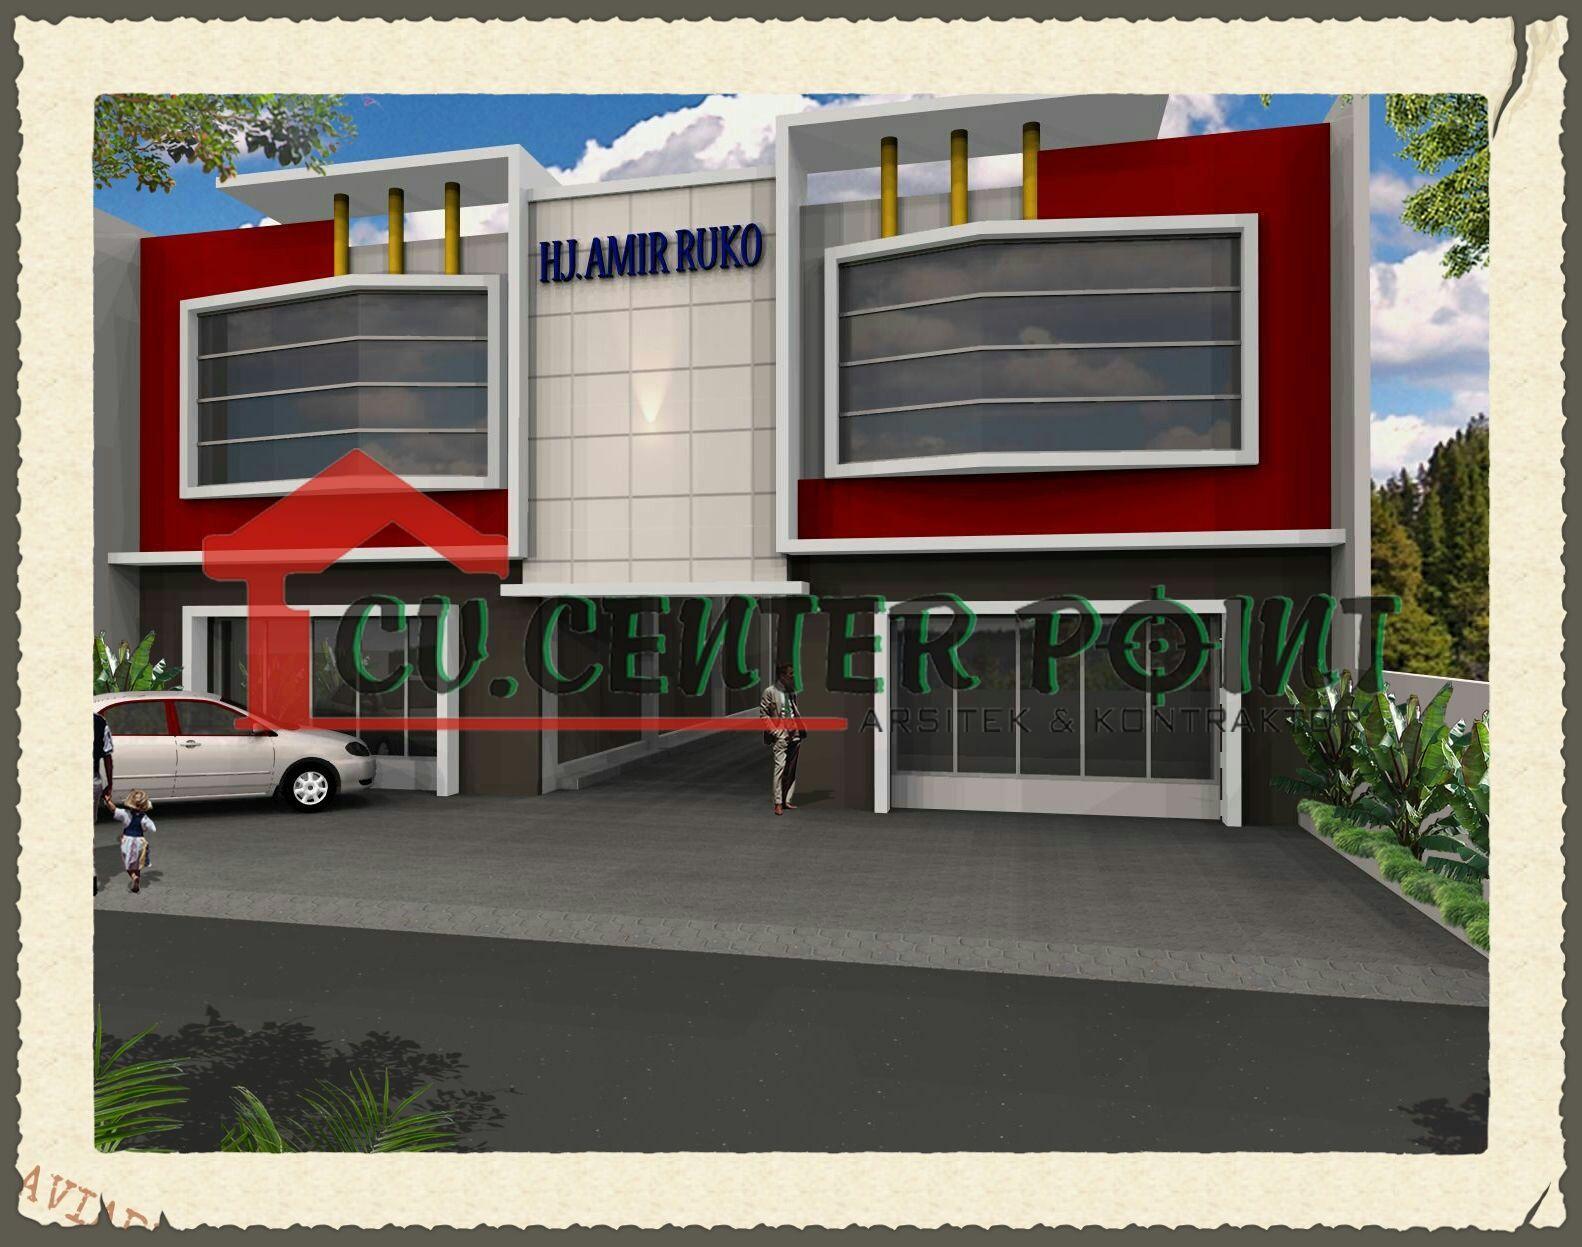 Jasa Arsitek Jambi Jasa Arsitek Murah Jambi Jasa Desain Rumah Jambi Terbaik Jasa Gambar Rumah Jambi Ternama Arsitek Desain Rumah Ruko